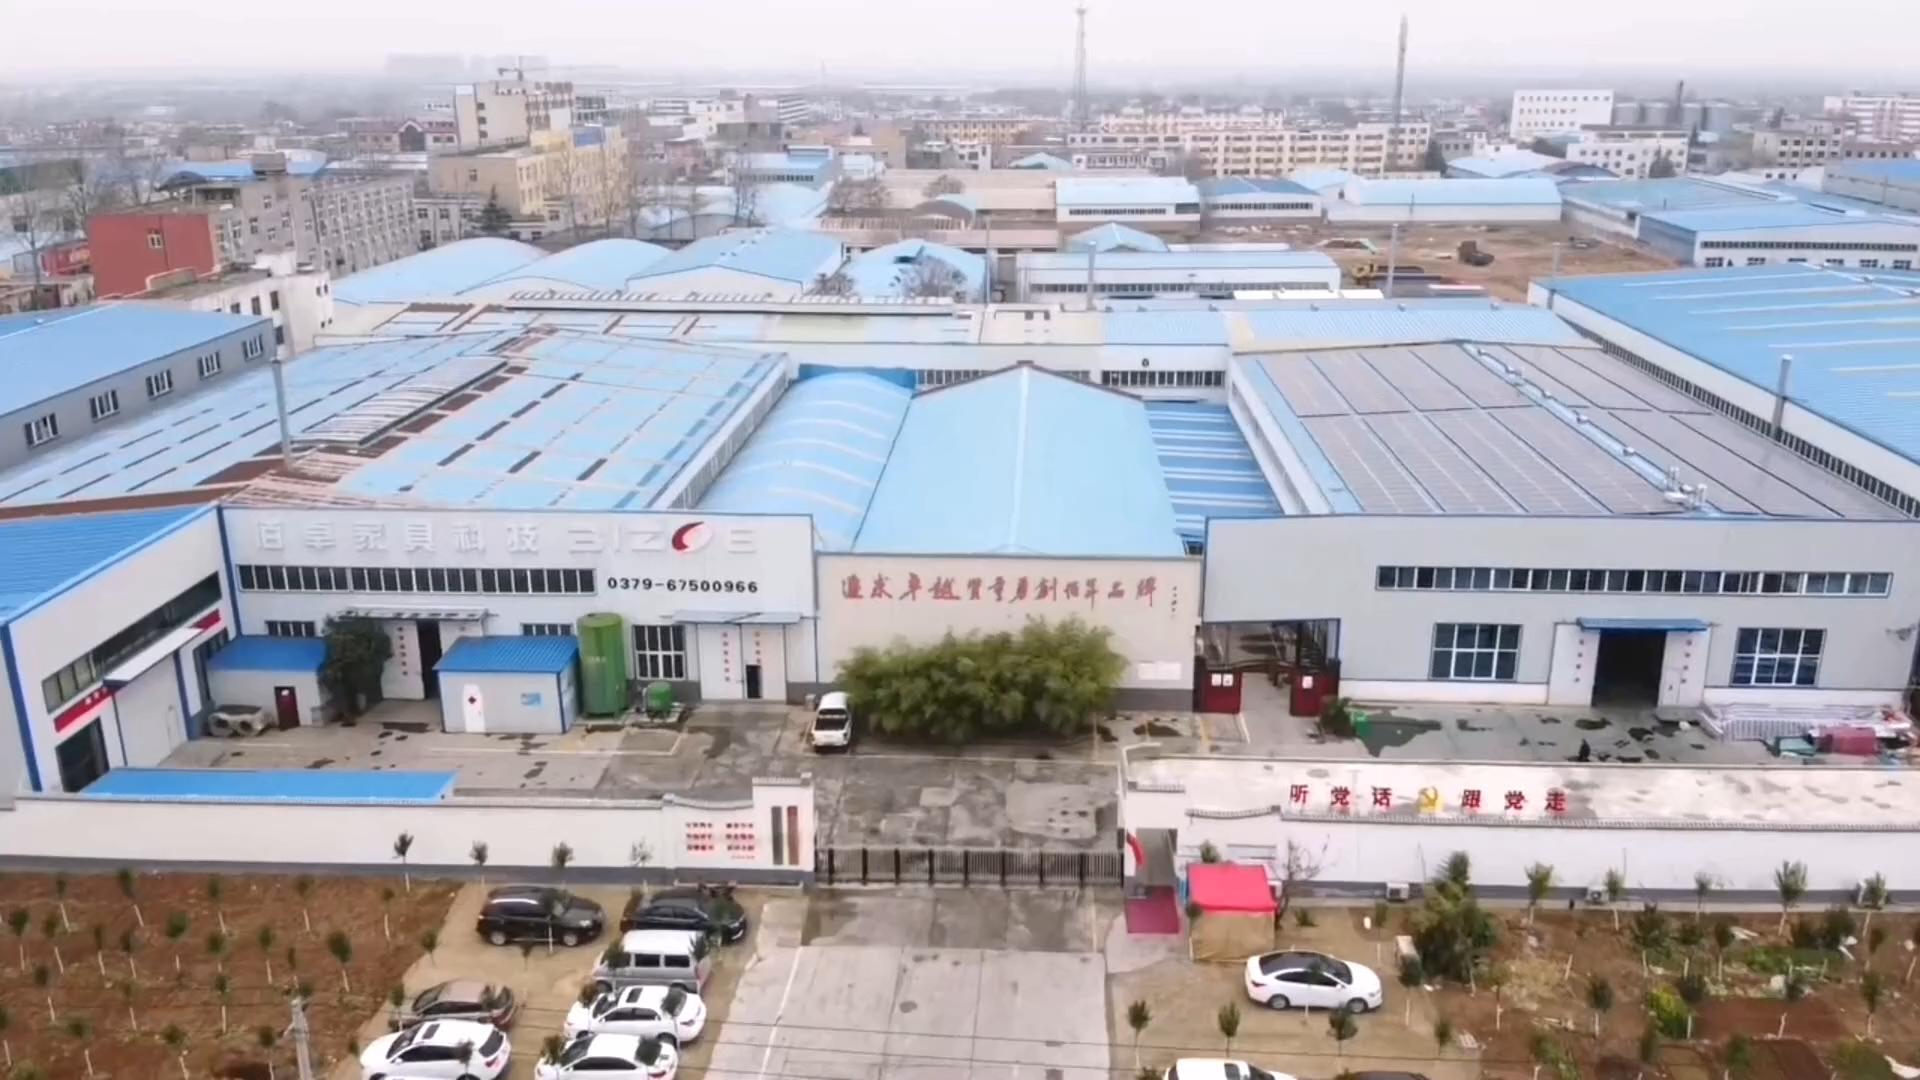 جذاب ودائم 3 أدراج غير القابل للصدأ دولاب تخزين متحرك مع عجلات تنتجها الشركة المصنعة في الصين